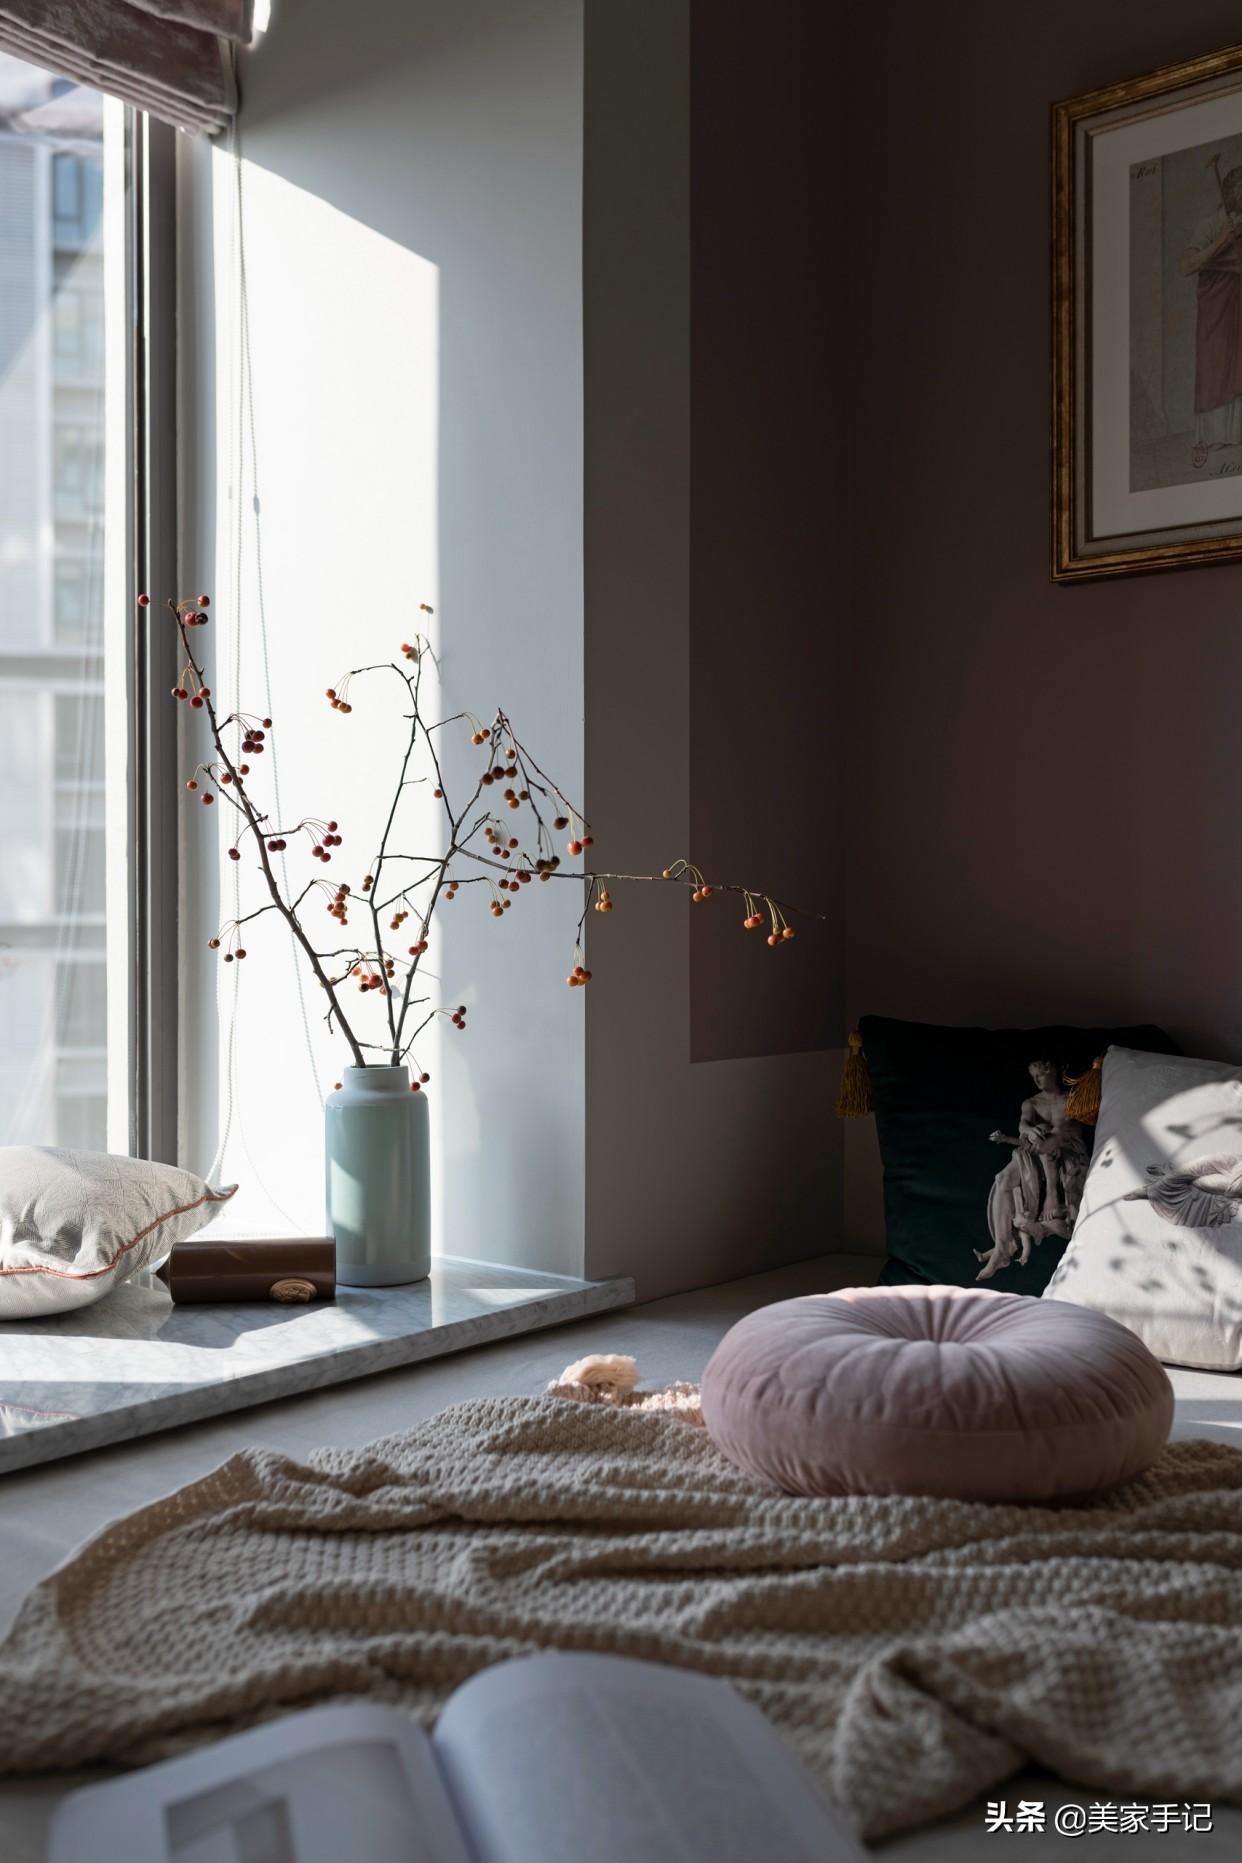 乾淨淡雅是對一個家最高階的讚譽,學她家這麼裝修,進屋極度舒適